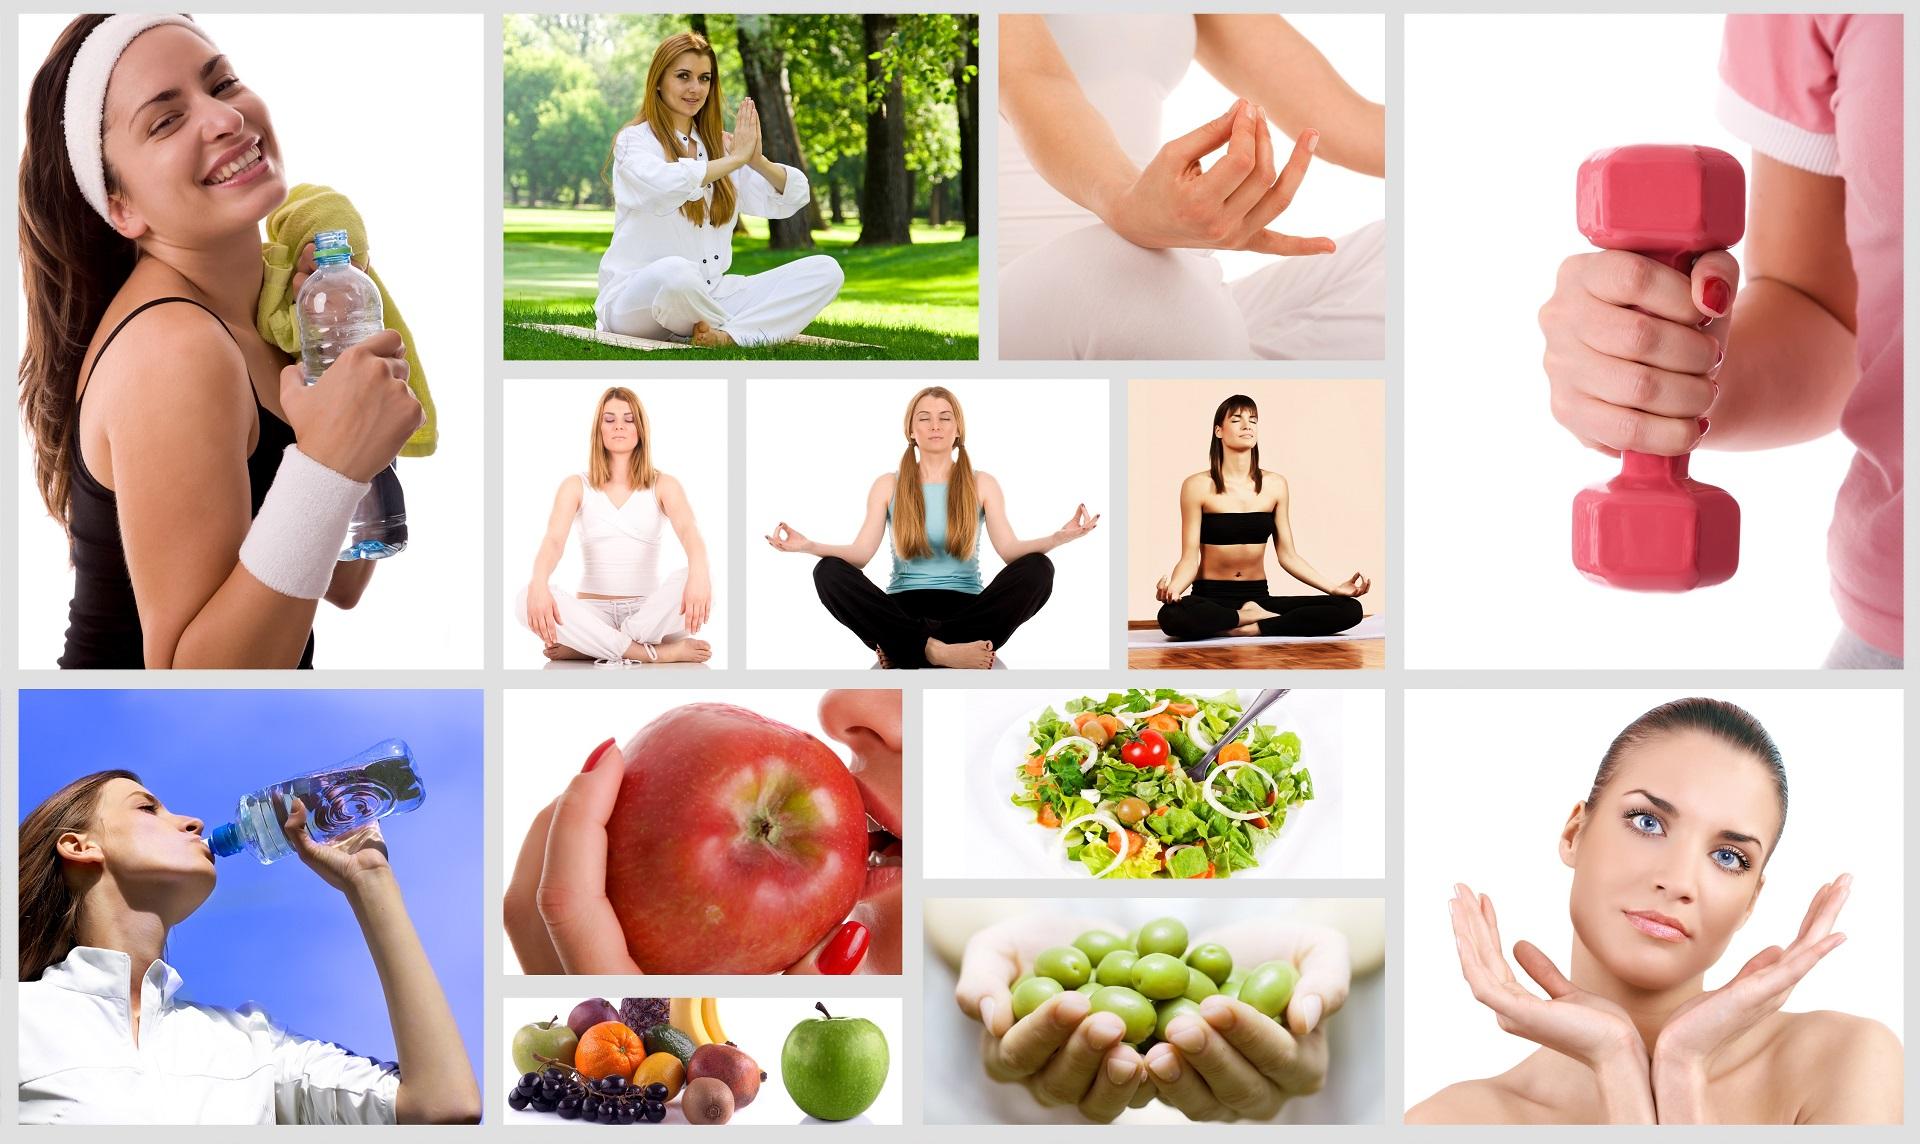 Какой Самый Простой Способ Похудеть. Реально эффективные способы похудения для женщин в домашних условиях